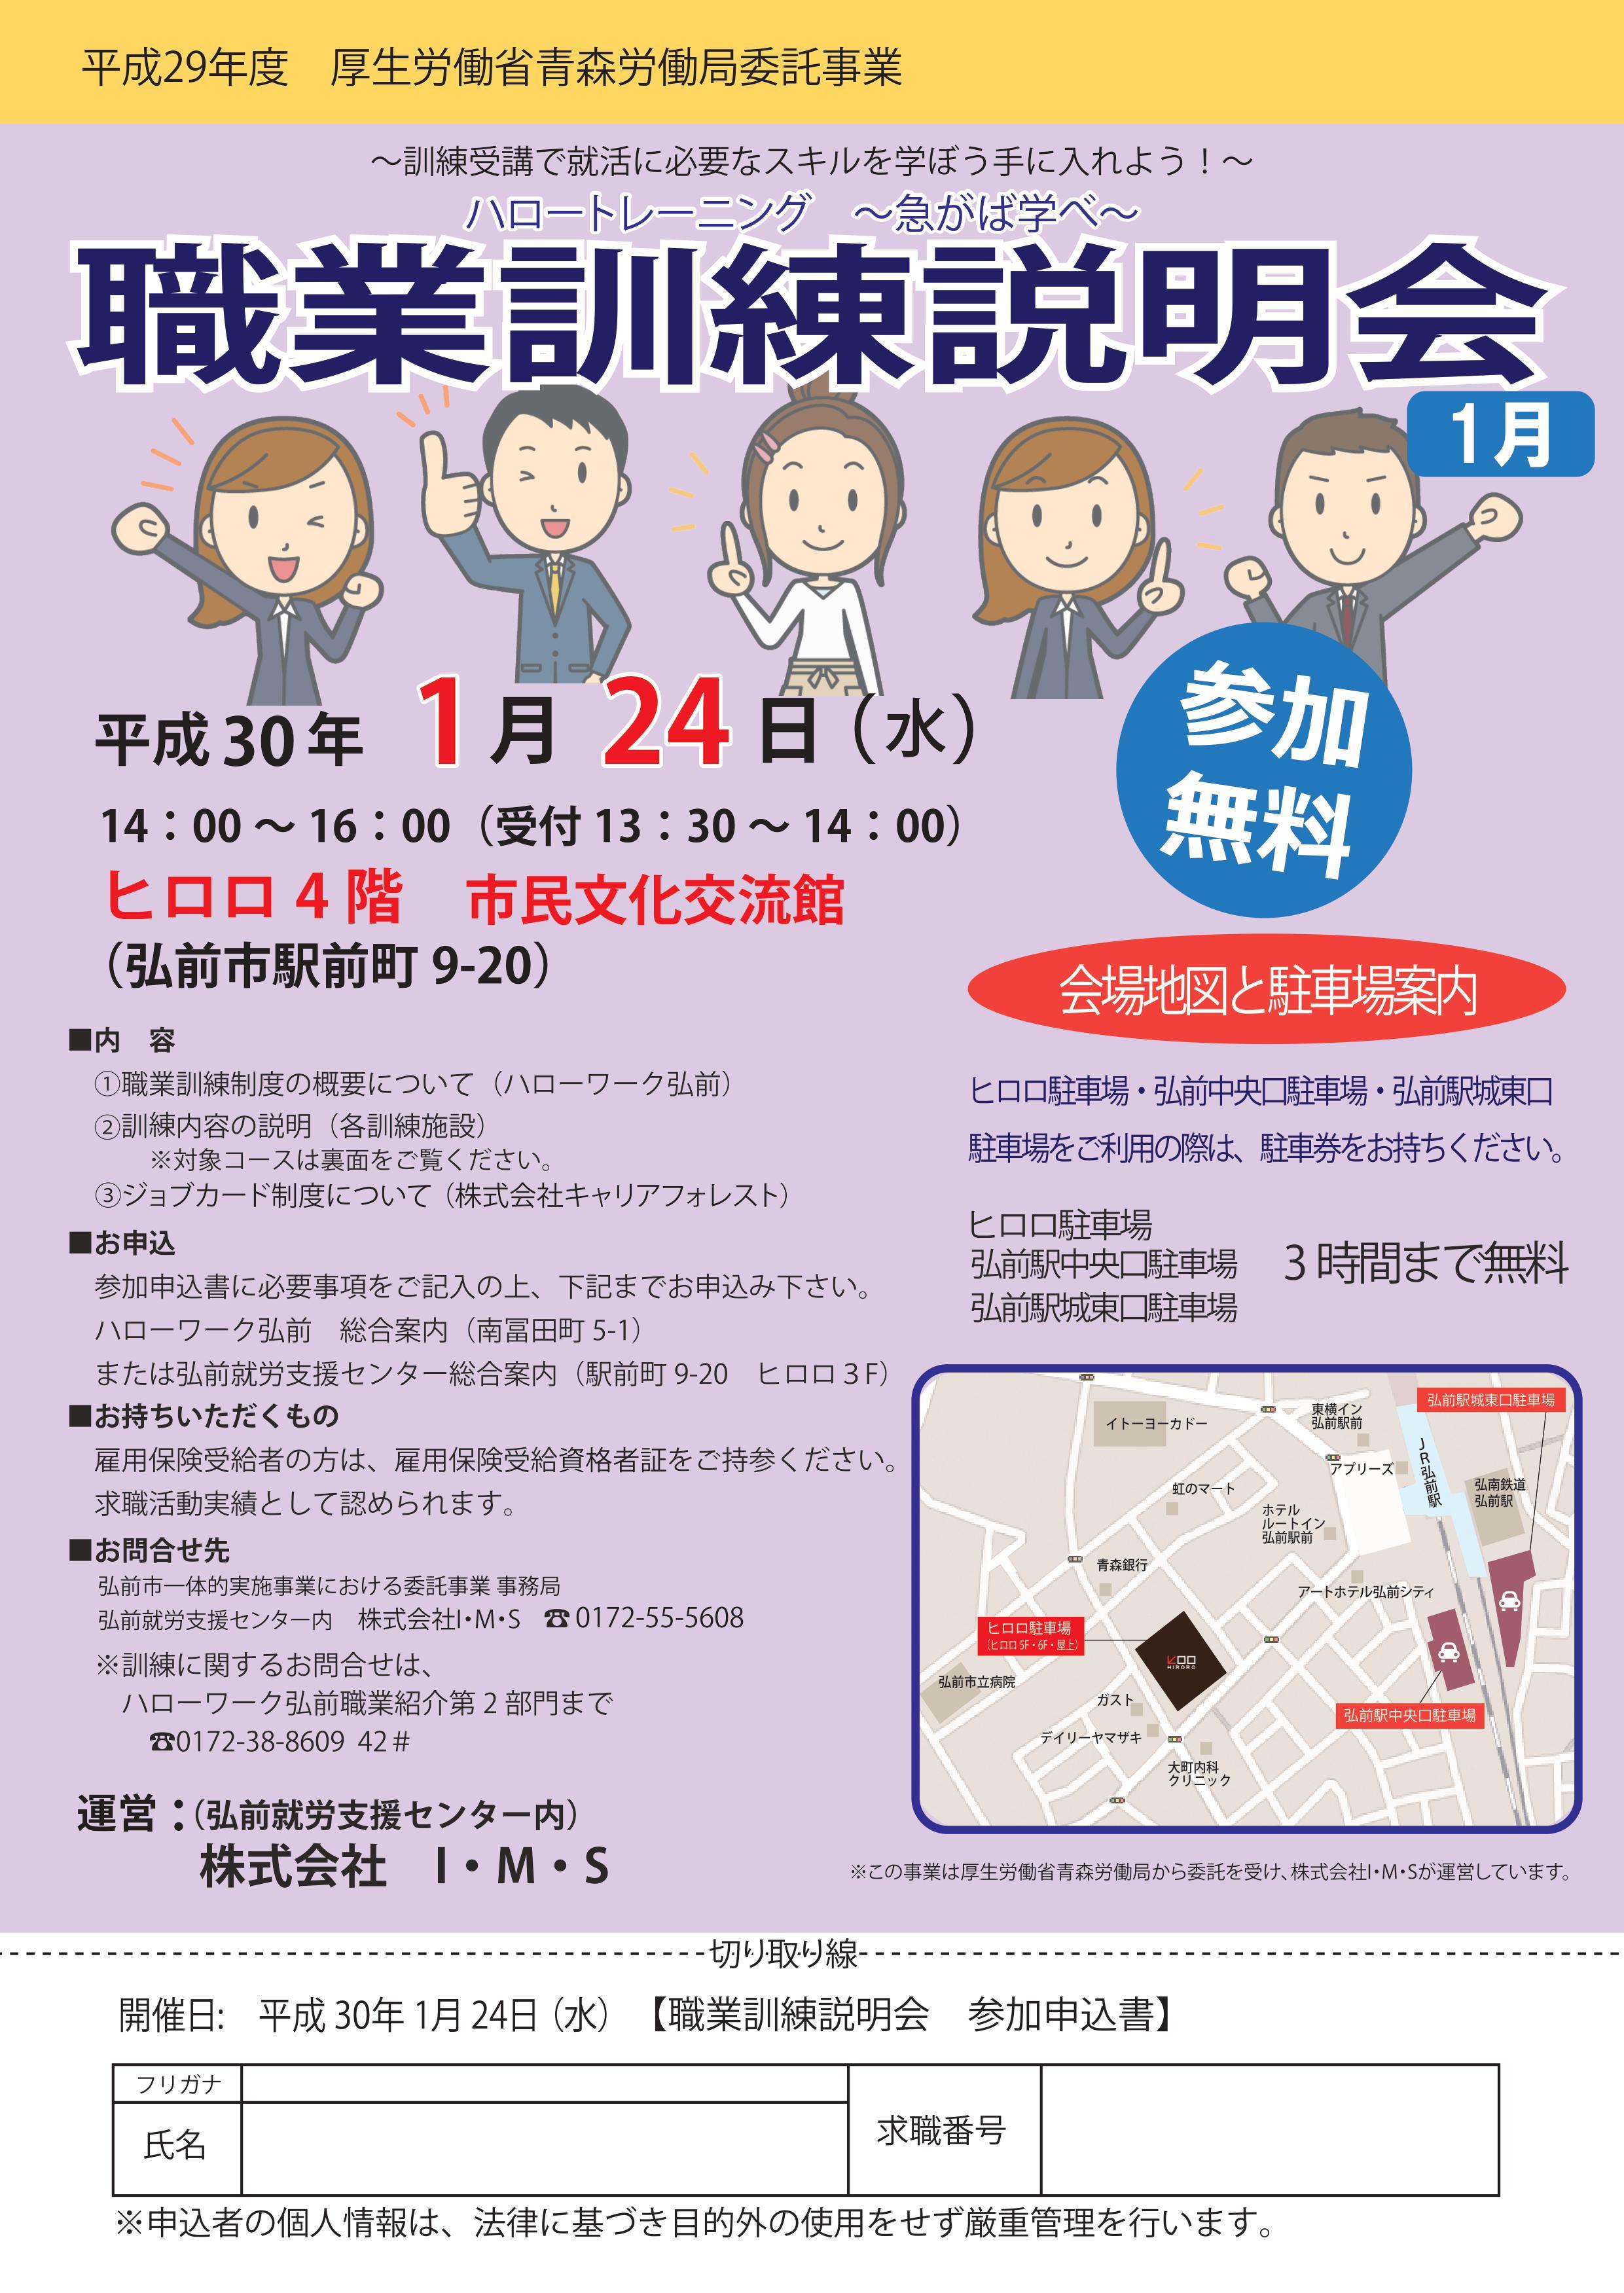 1月24日職業訓練説明会.jpg